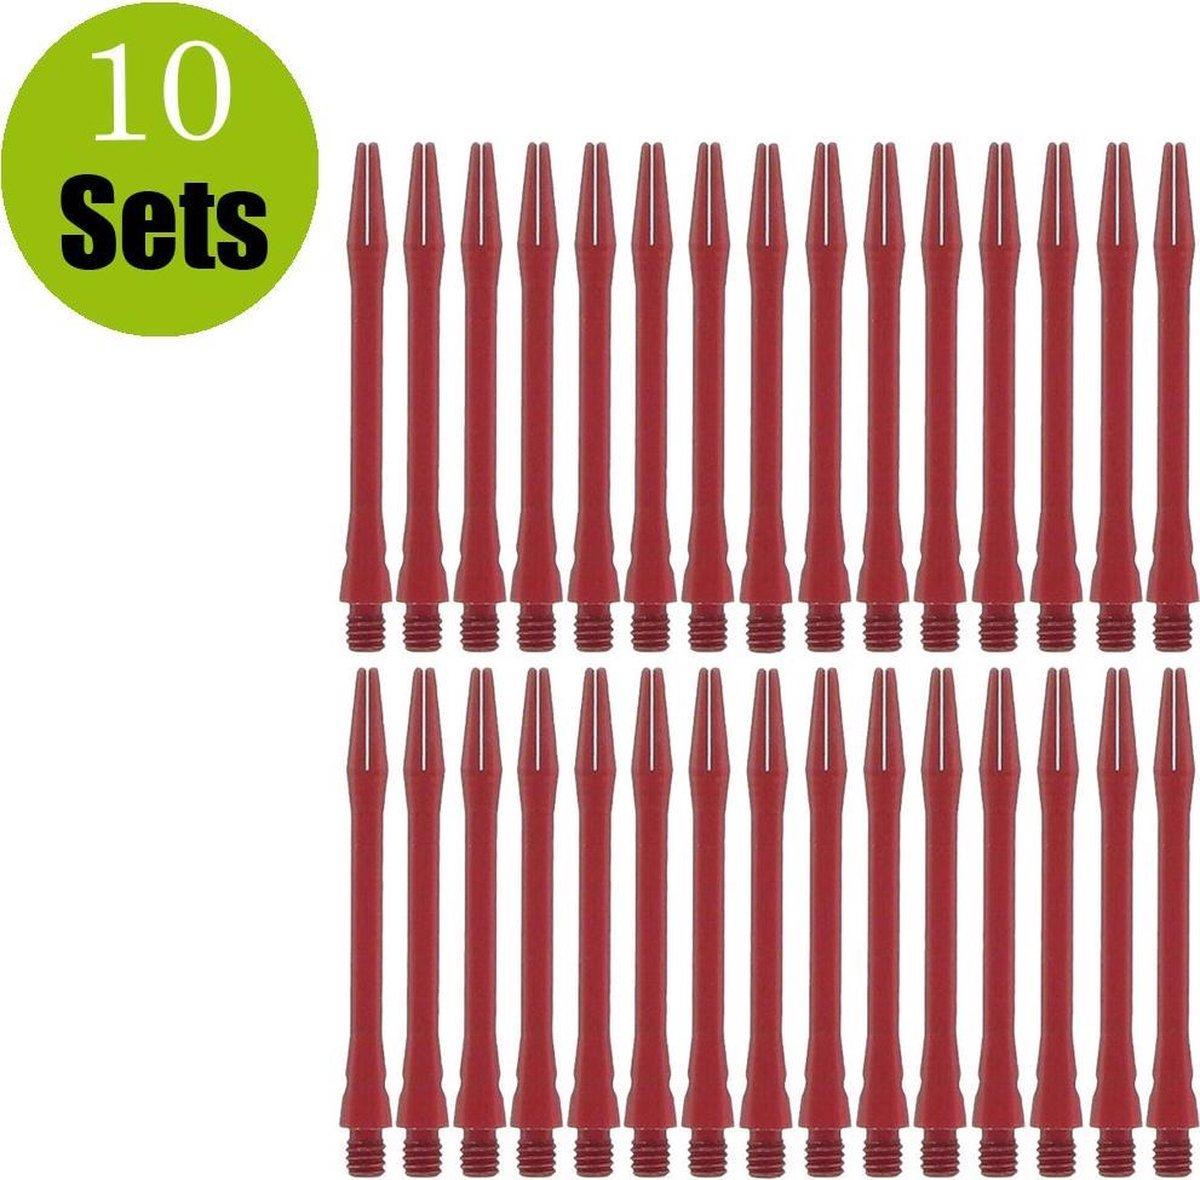 Aluminium Dart Shafts - Rood - Short - (10 Sets)